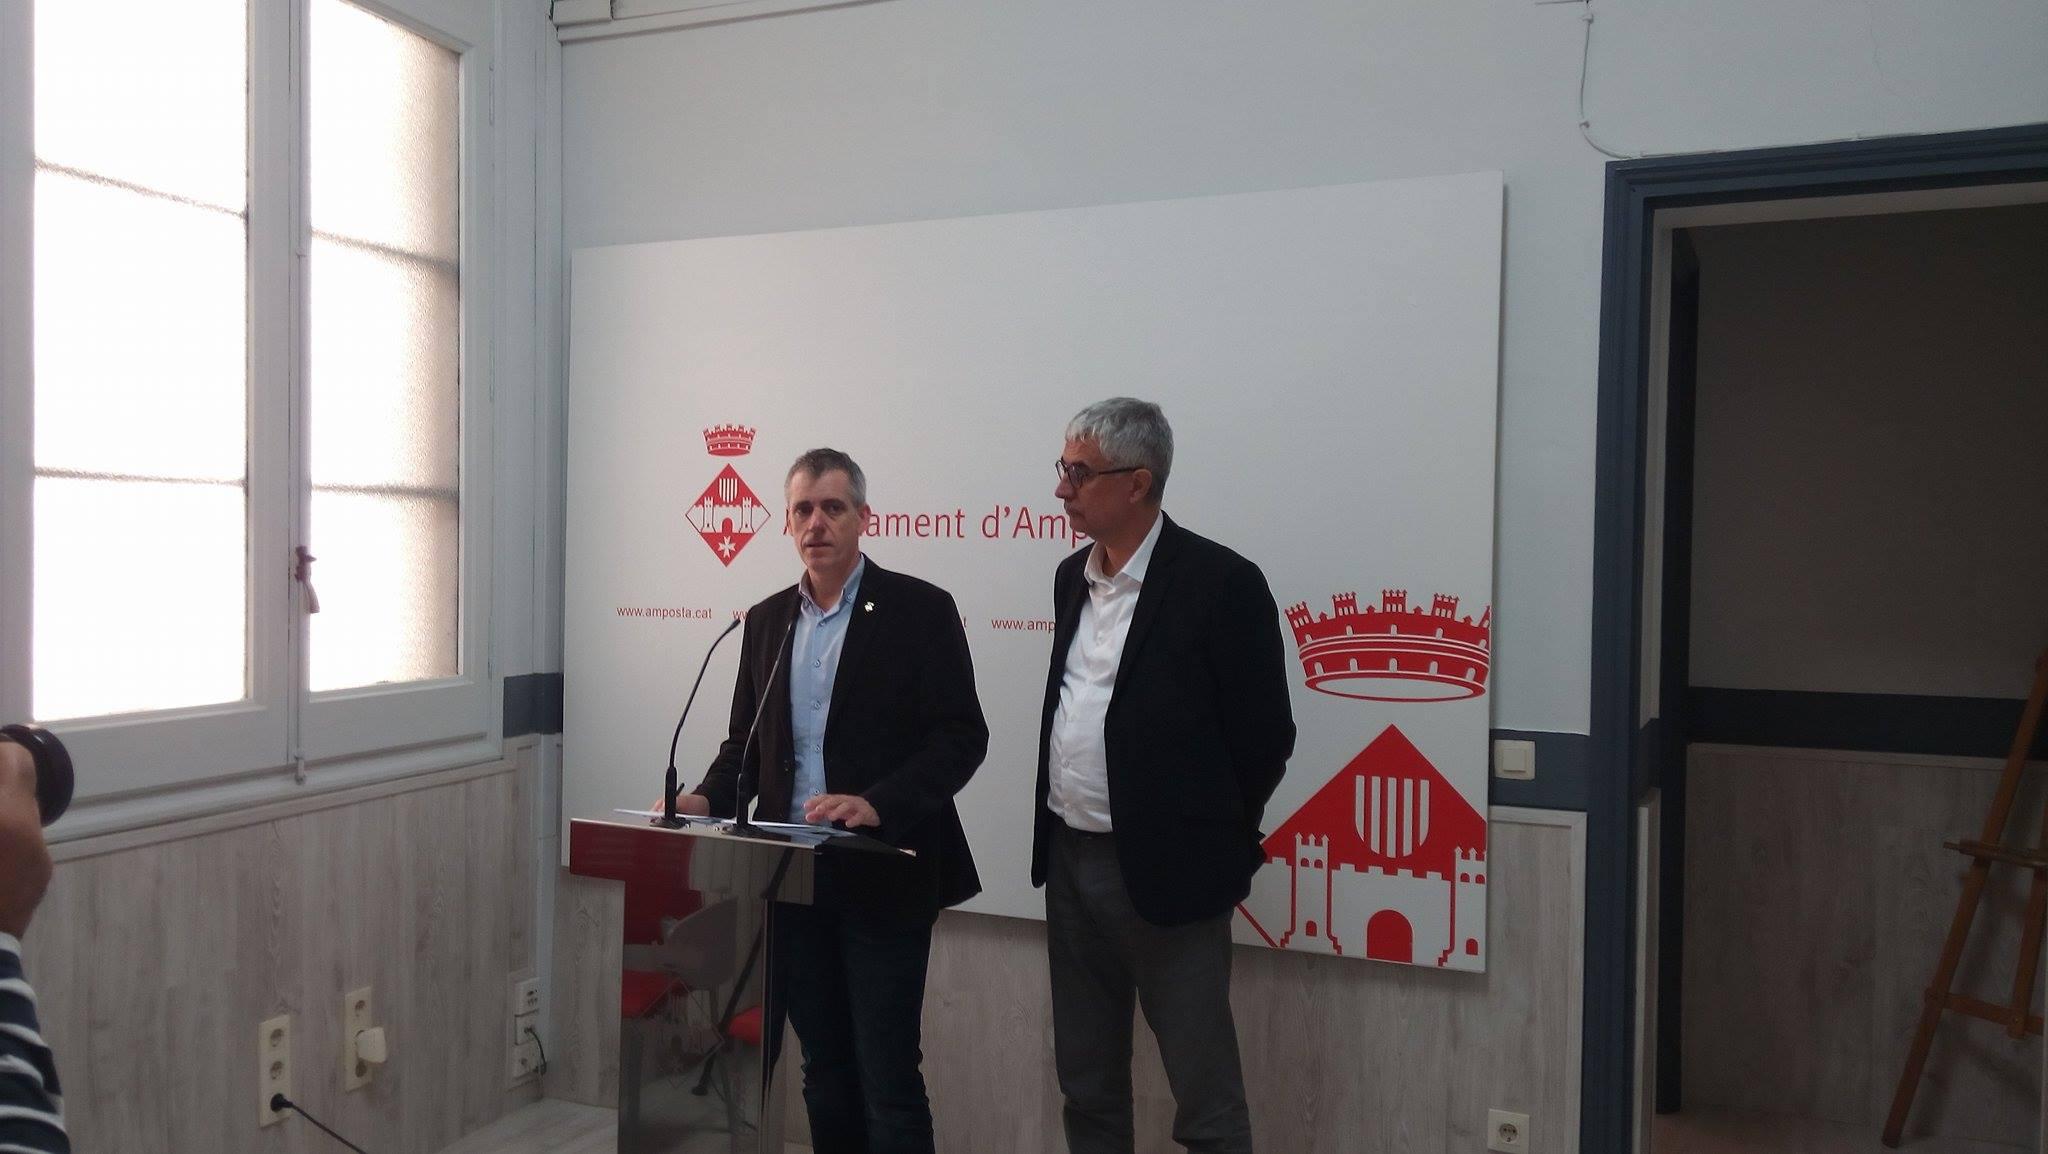 L'Ajuntament d'Amposta incorpora crèdits extraordinaris de 5,5 milions d'euros per a diferents inversions